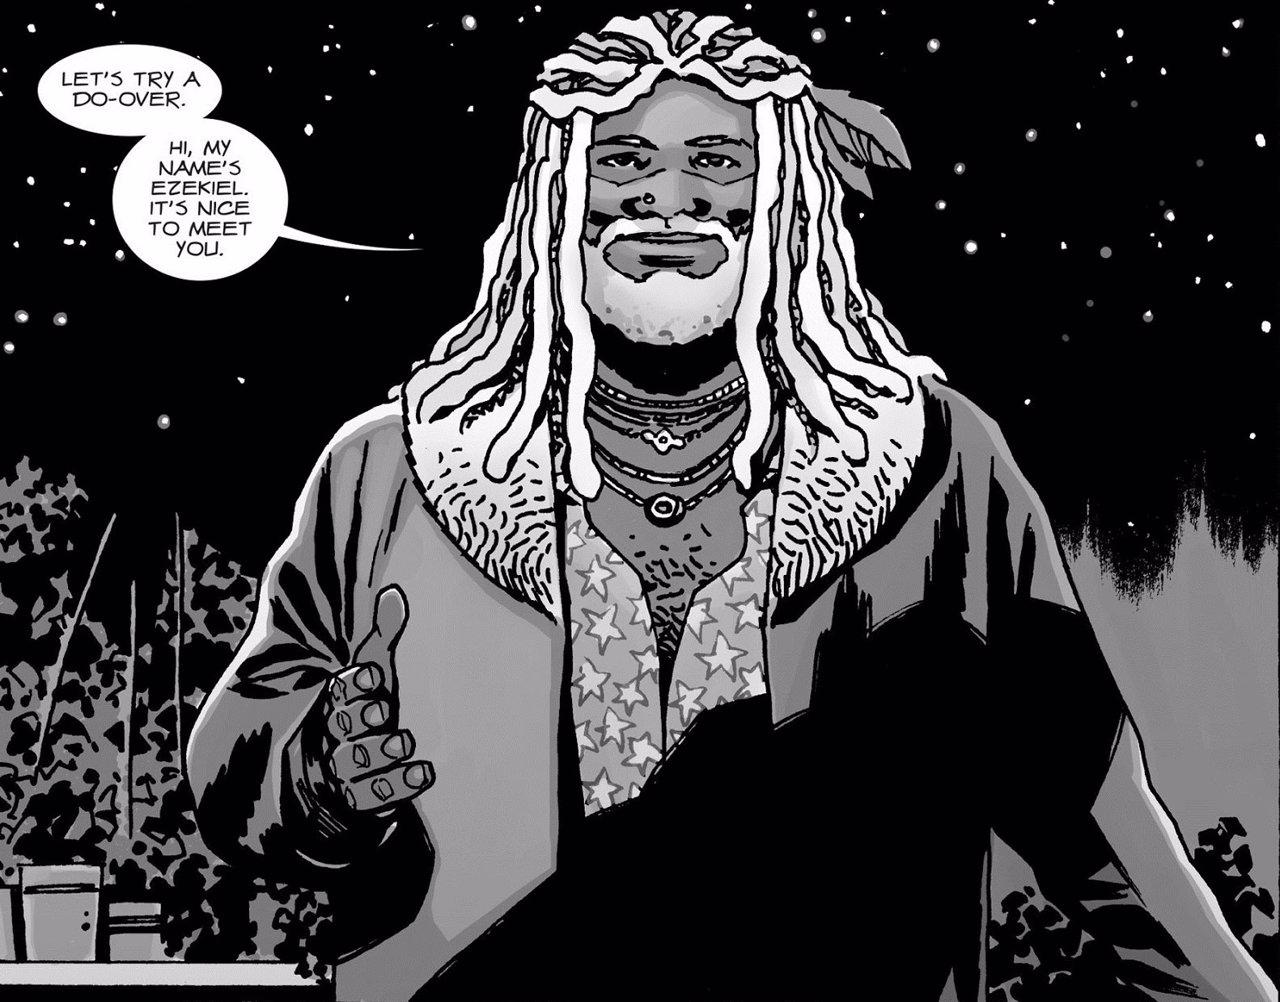 El Rey Ezekiel en The Walking Dead